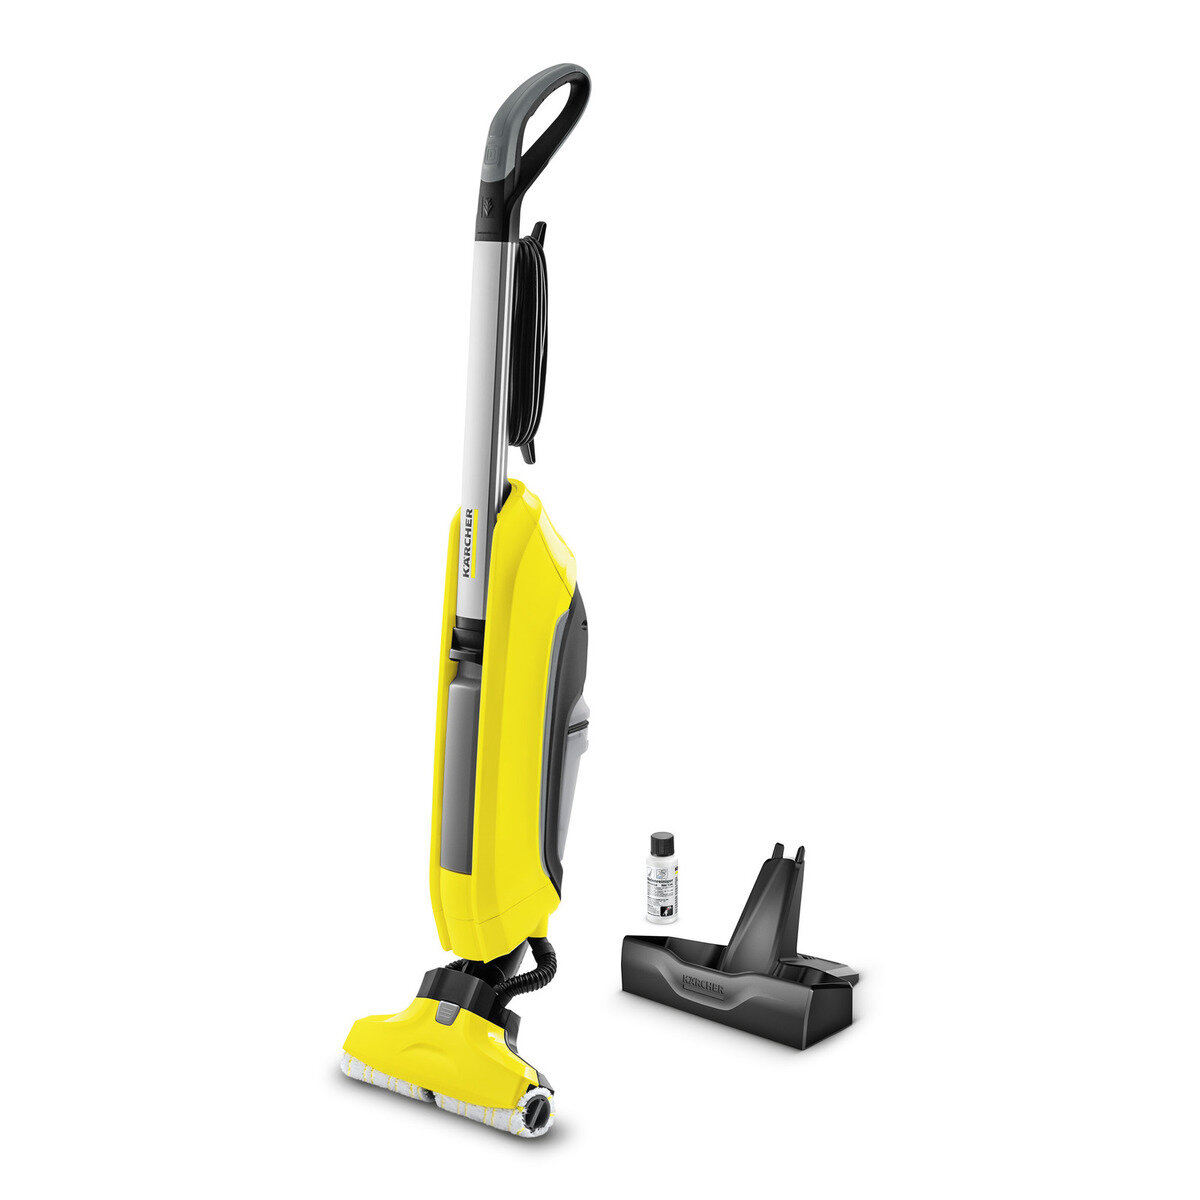 Аппарат для влажной уборки пола Керхер FC 5